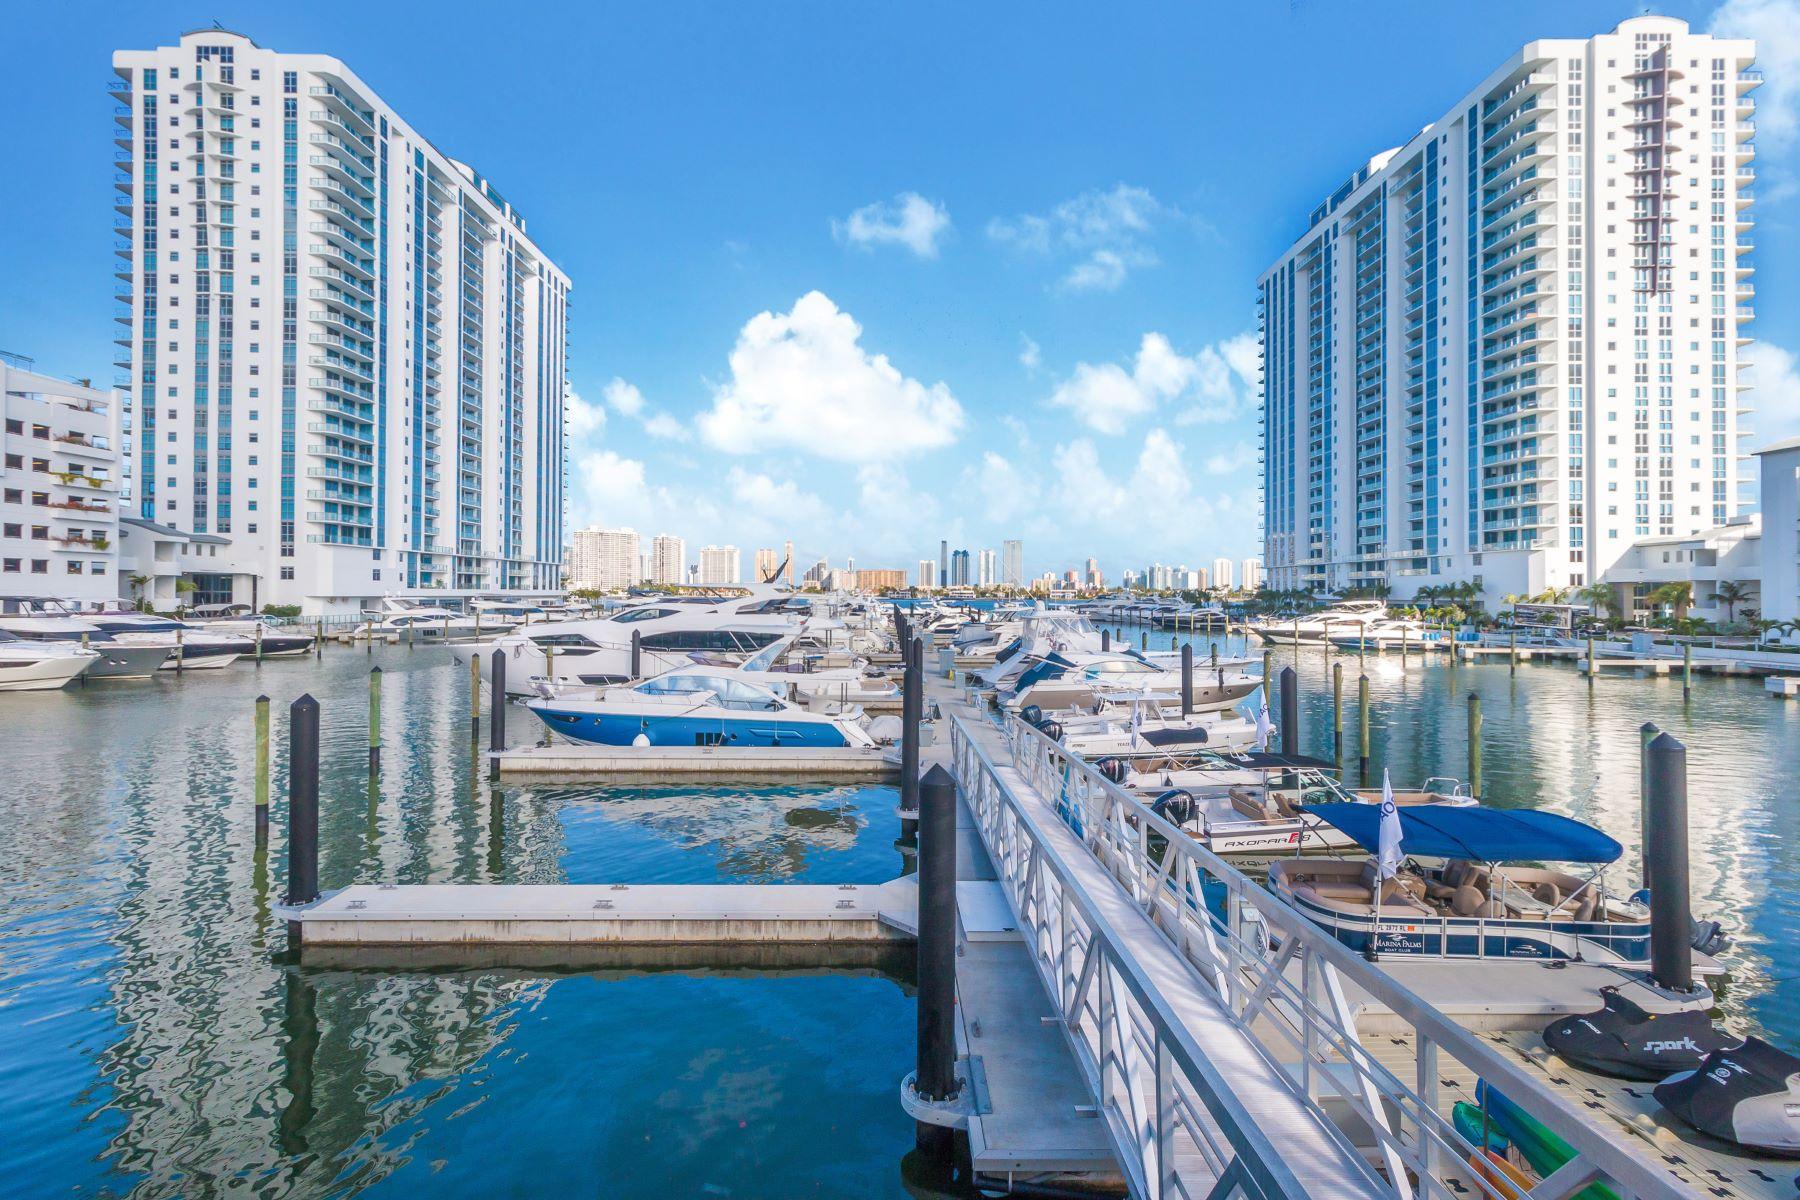 共管物業 為 出售 在 17111 Biscayne Blvd #1103 17111 Biscayne Blvd 1103, North Miami Beach, 佛羅里達州, 33160 美國